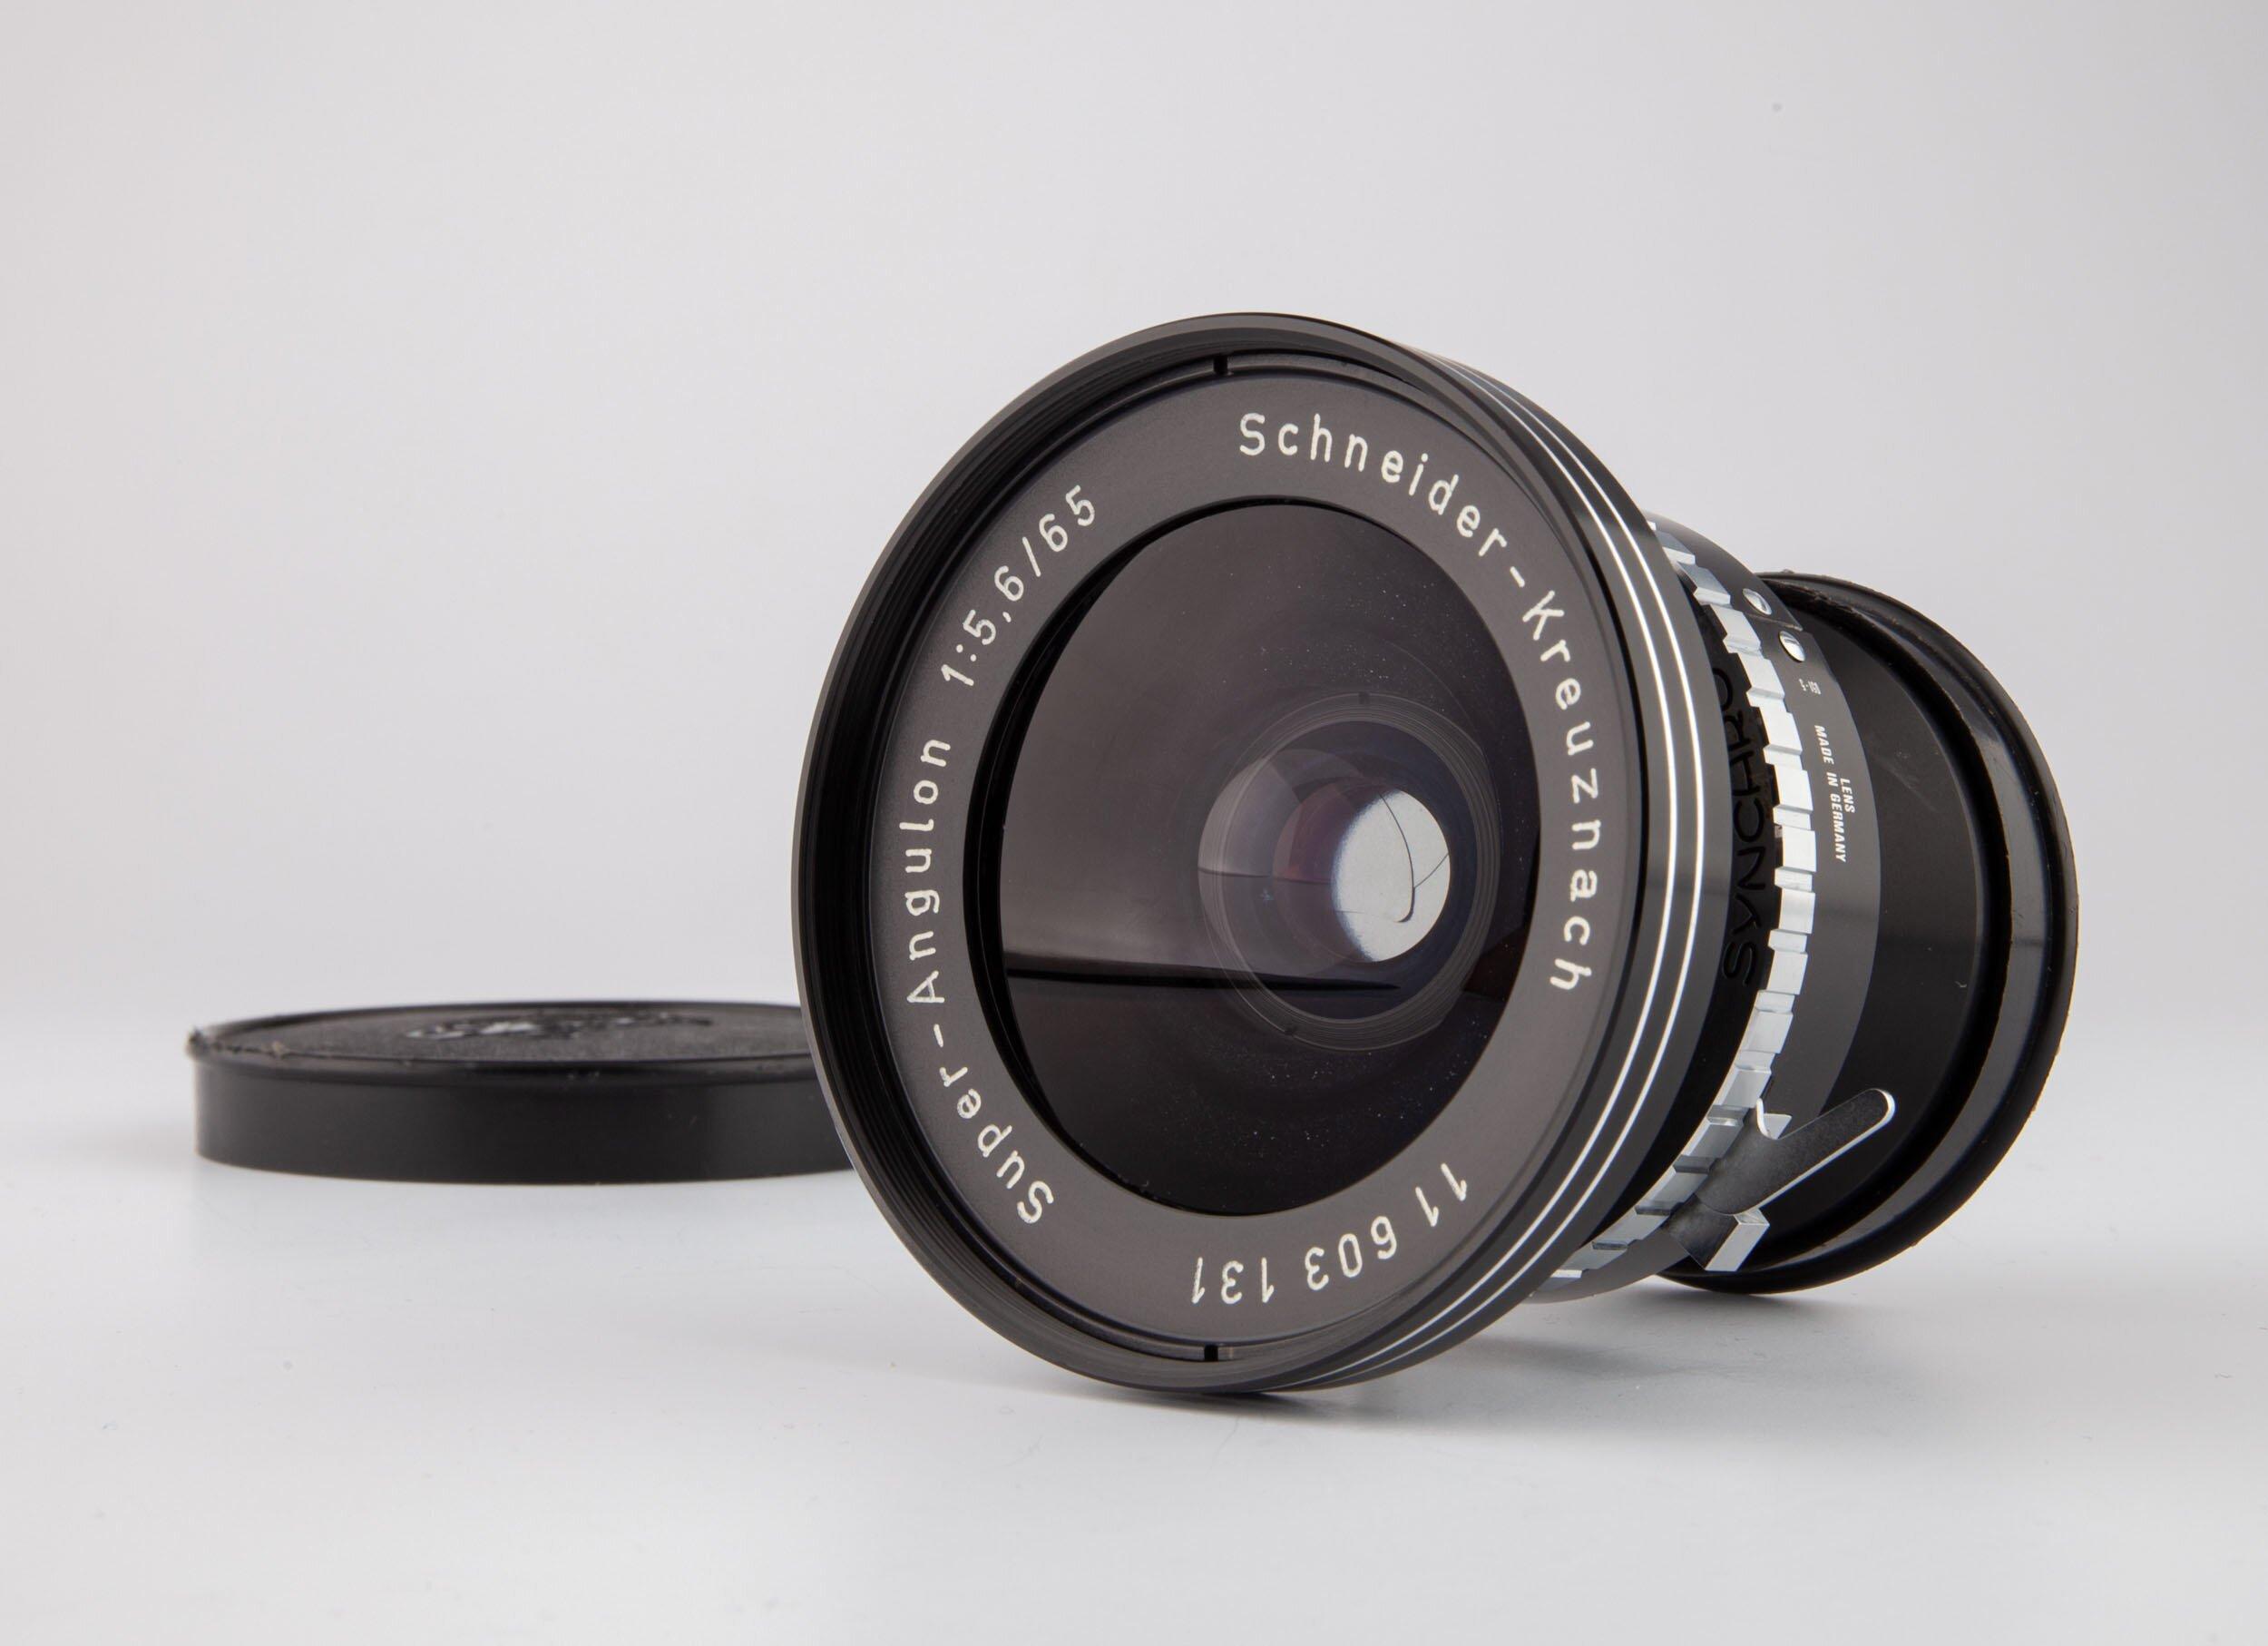 Schneider-Kreuznach Super-Angulon 5,6/65mm